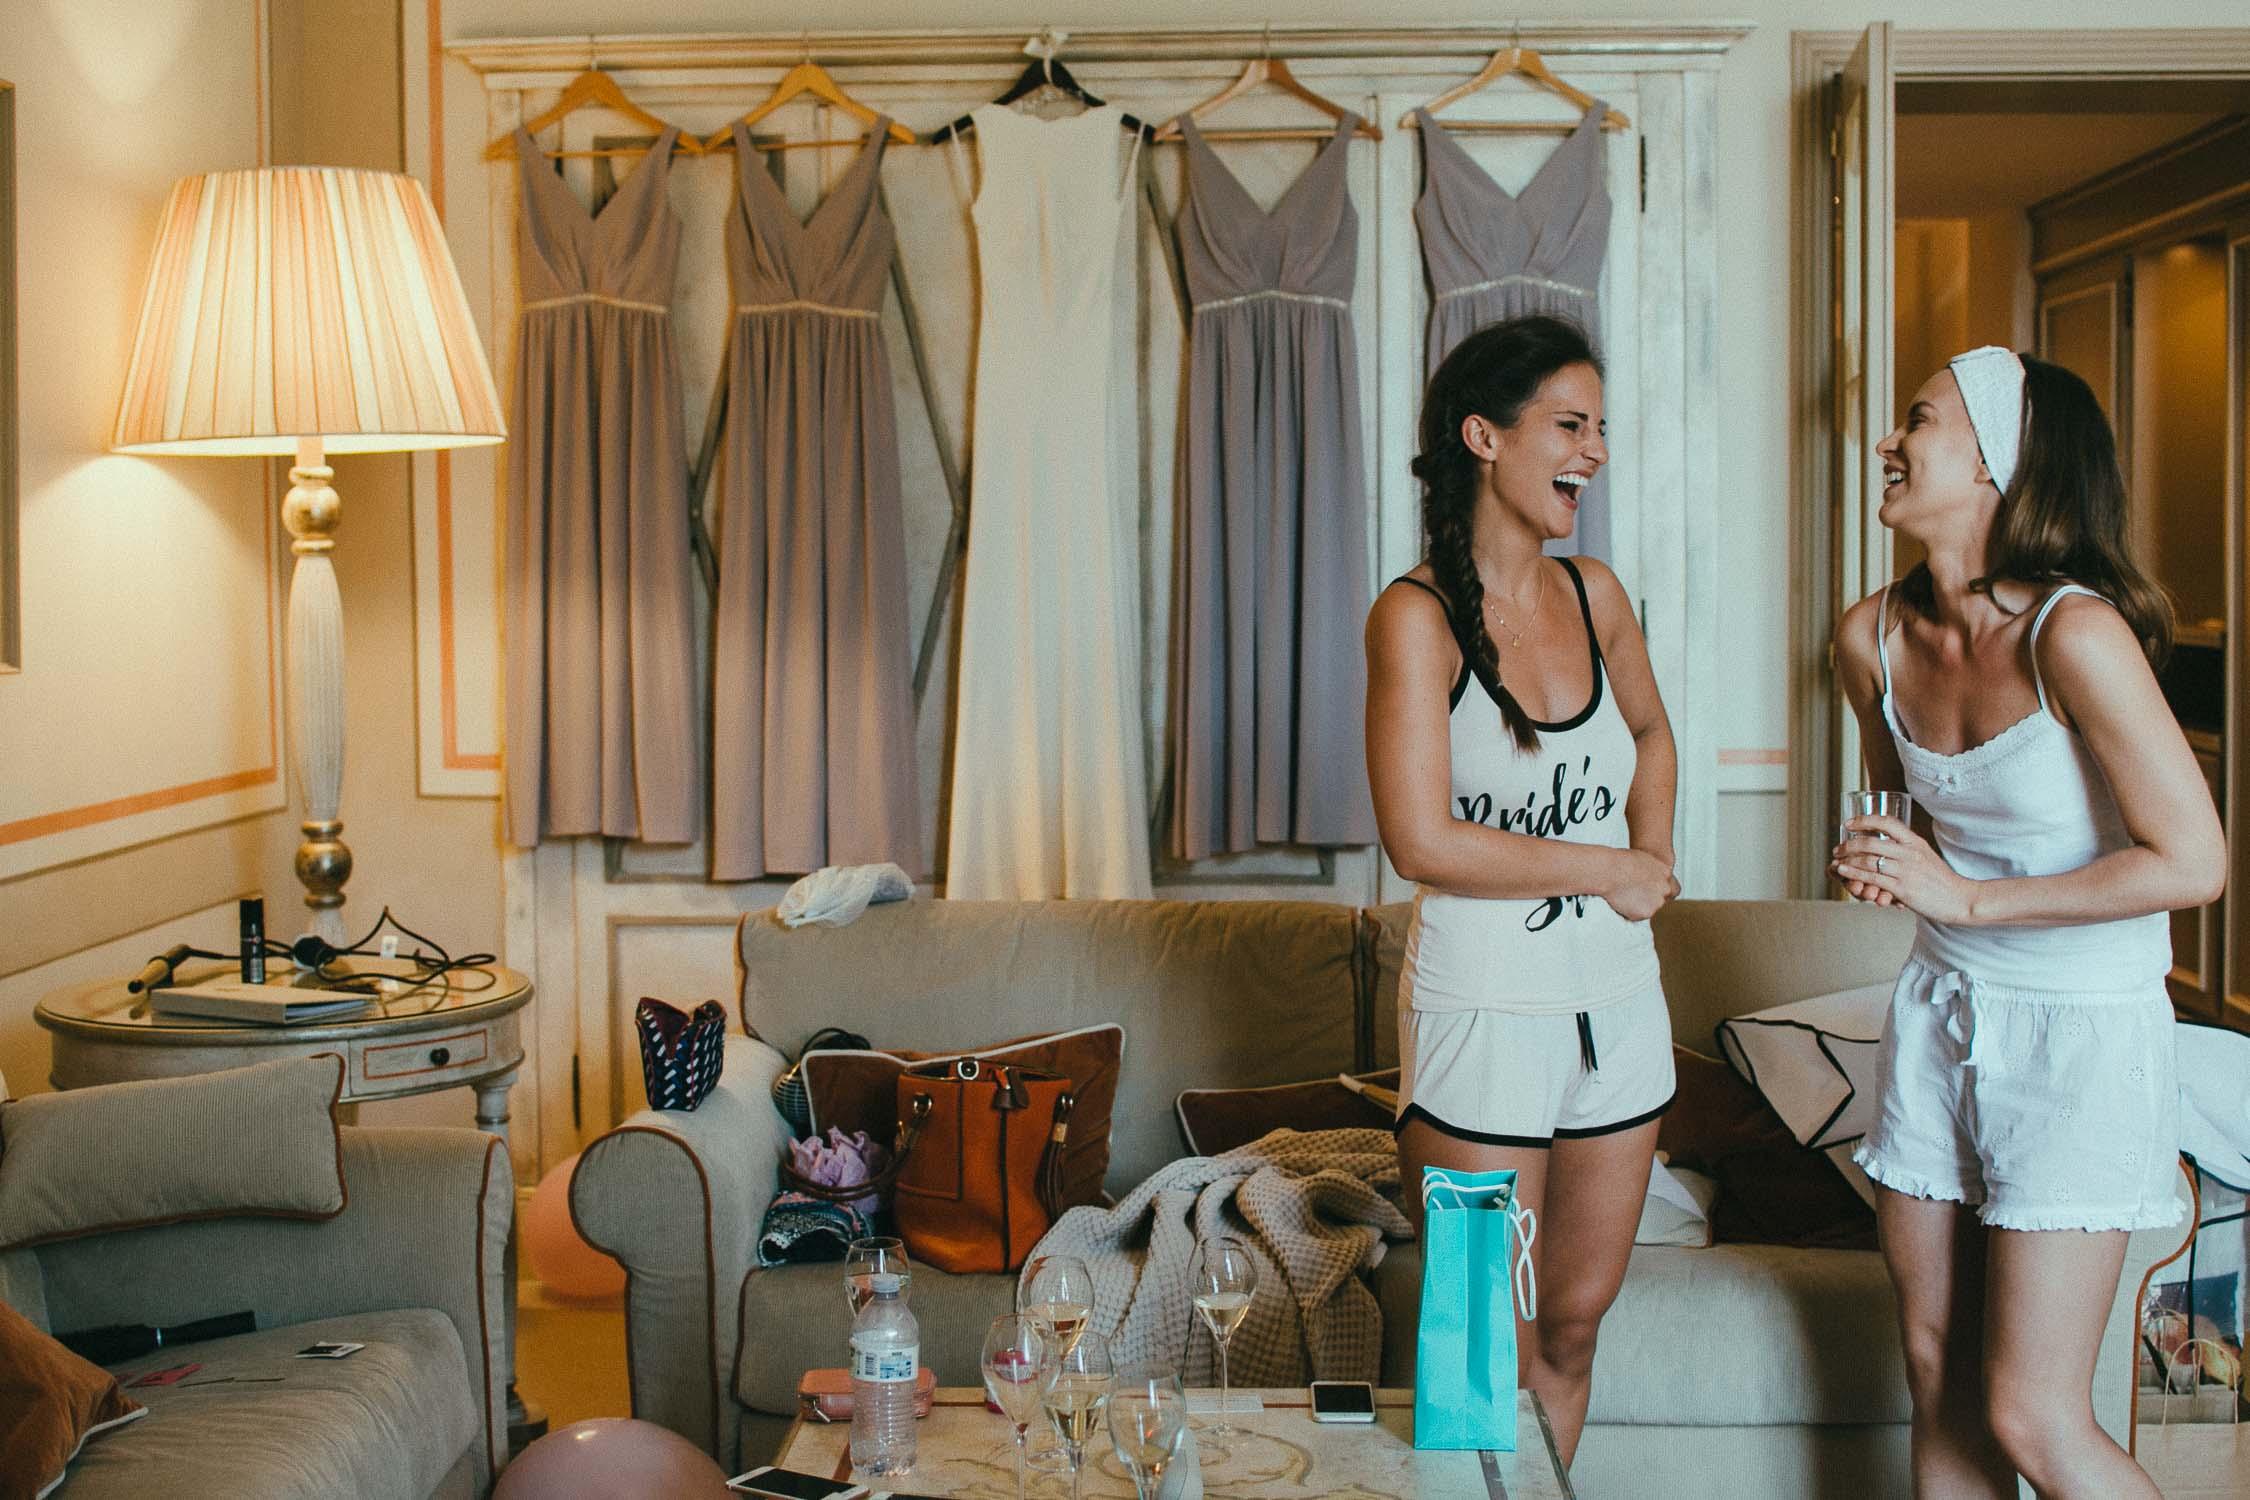 destiantion-wedding-in-tuscany-getting-ready (5).jpg